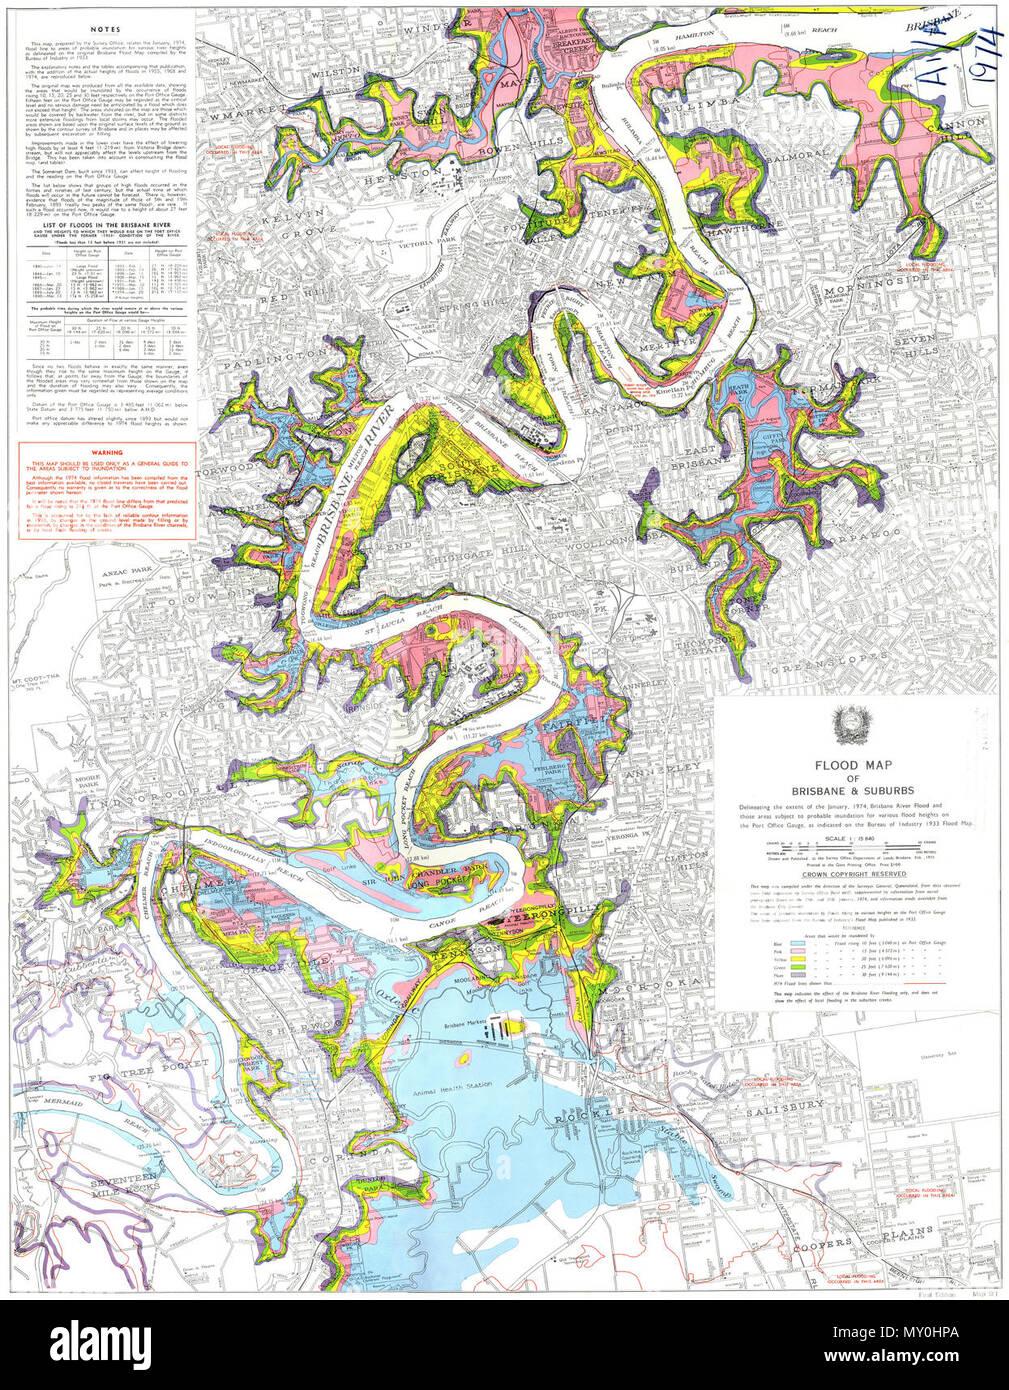 Karte Australien Und Umgebung.Flut Karte Von Brisbane Und Vorstädte Die Abgrenzung Der Umfang Der